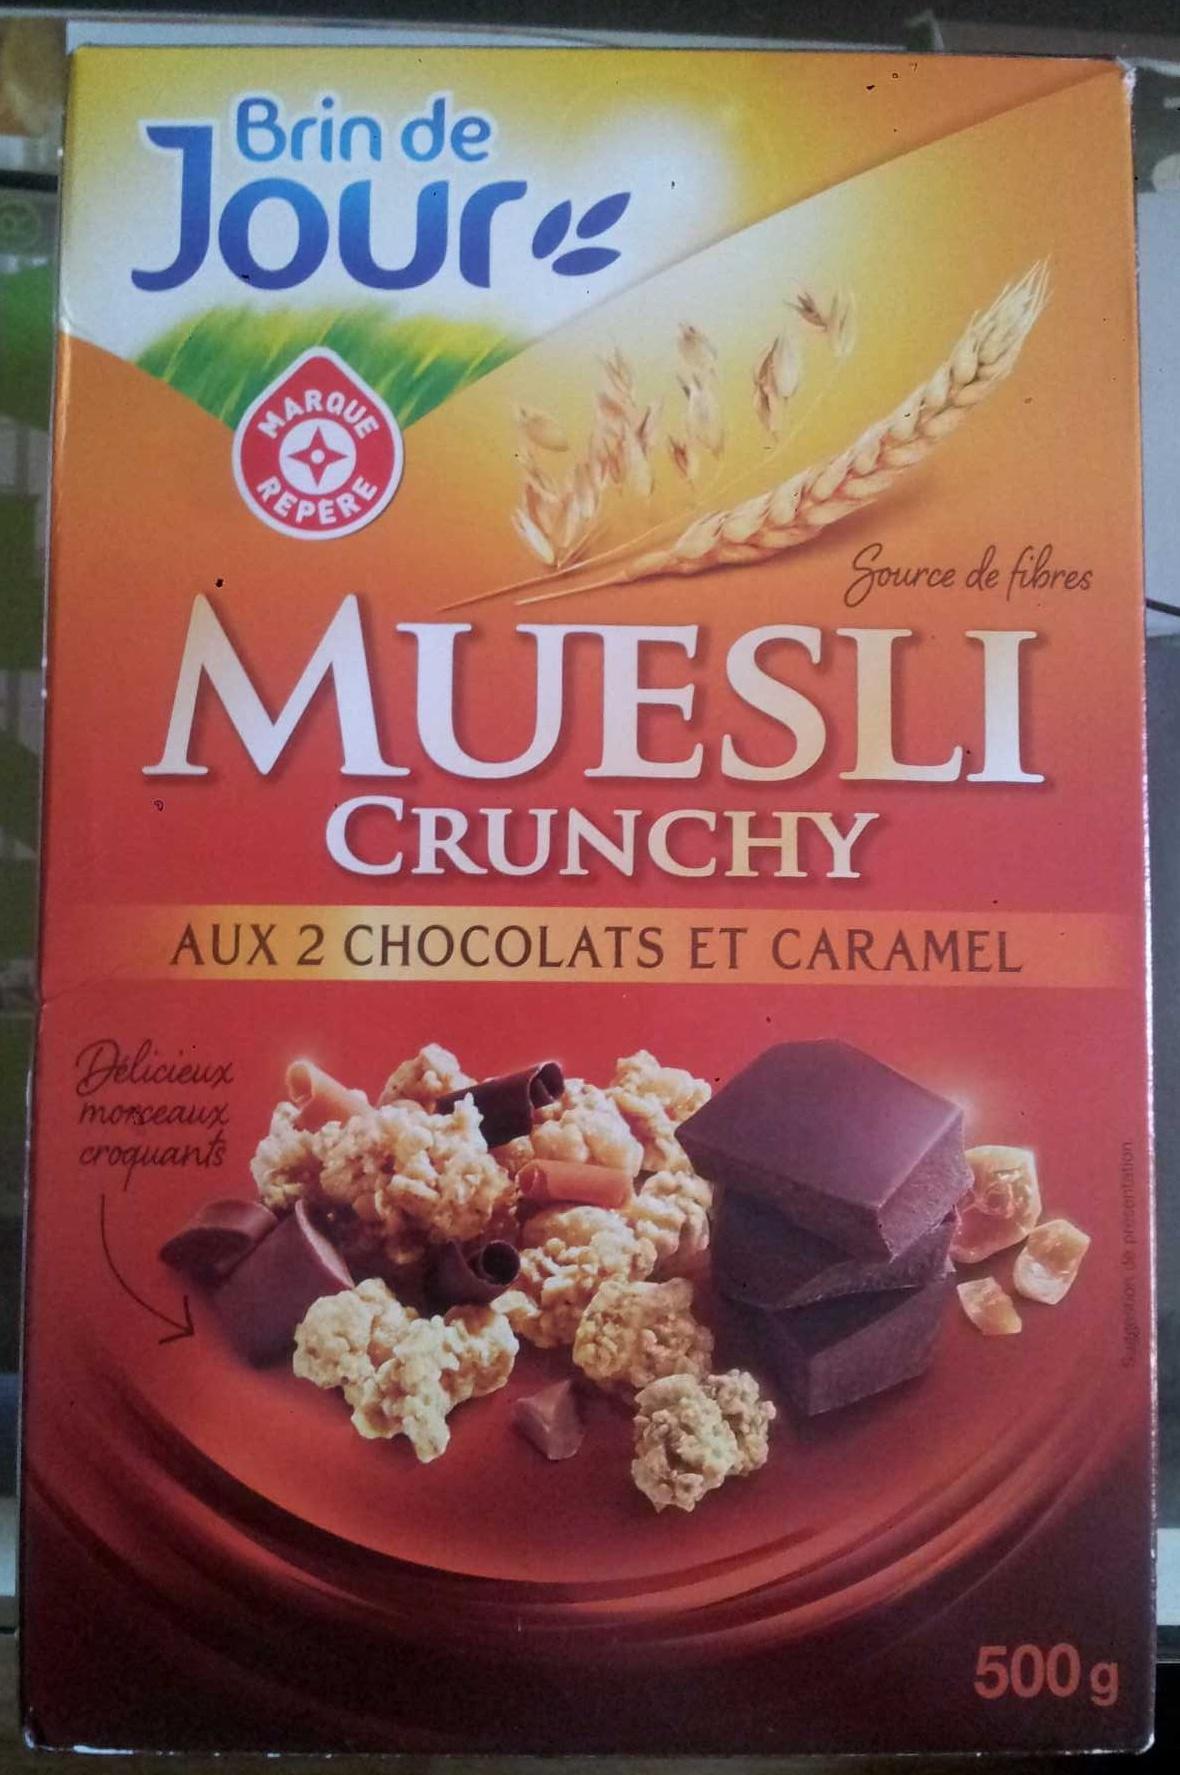 Muesli croustillant aux 2 chocolats et caramel - Produit - fr